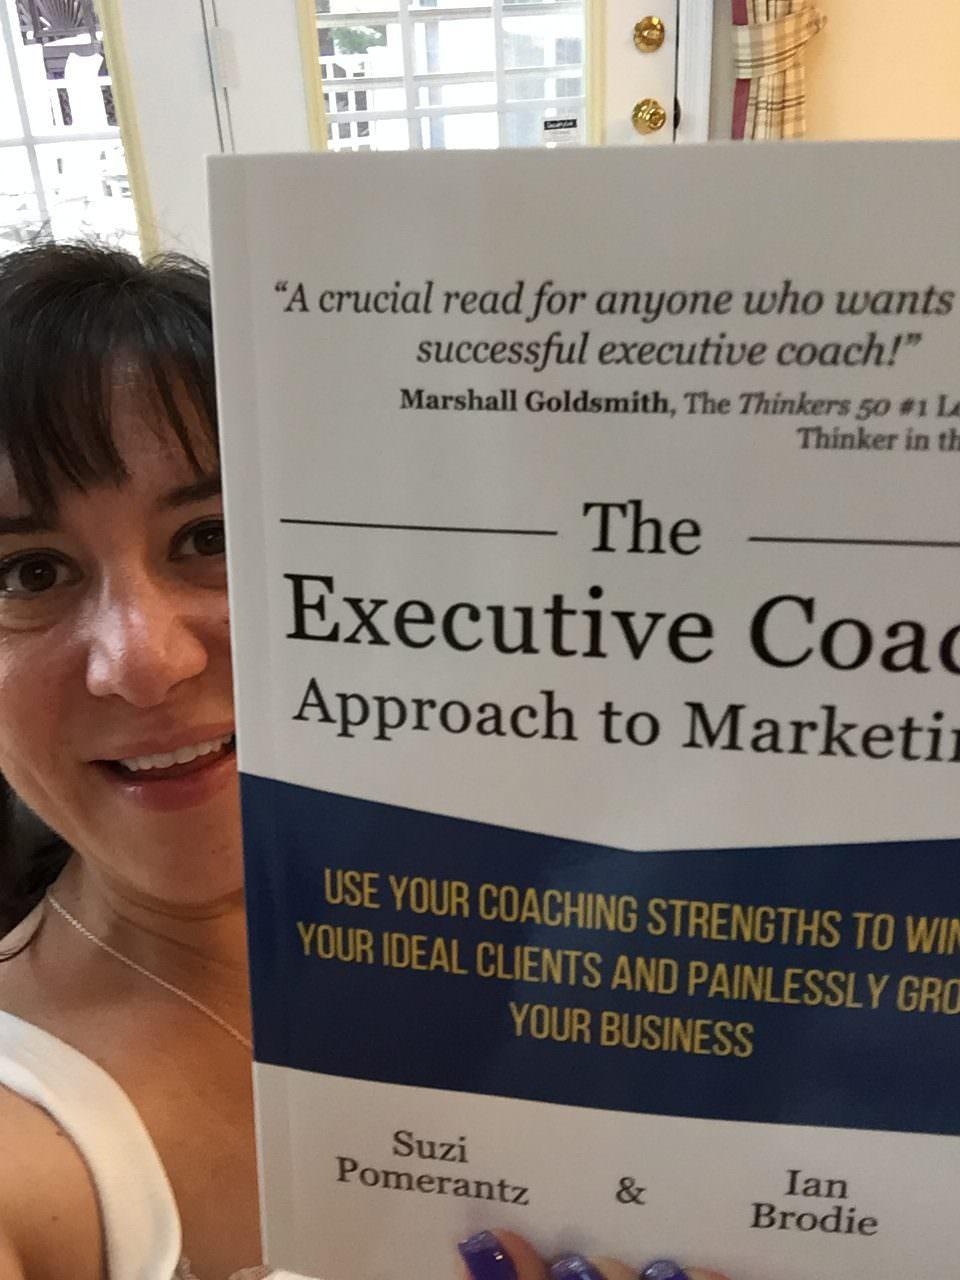 new book for executive coaches